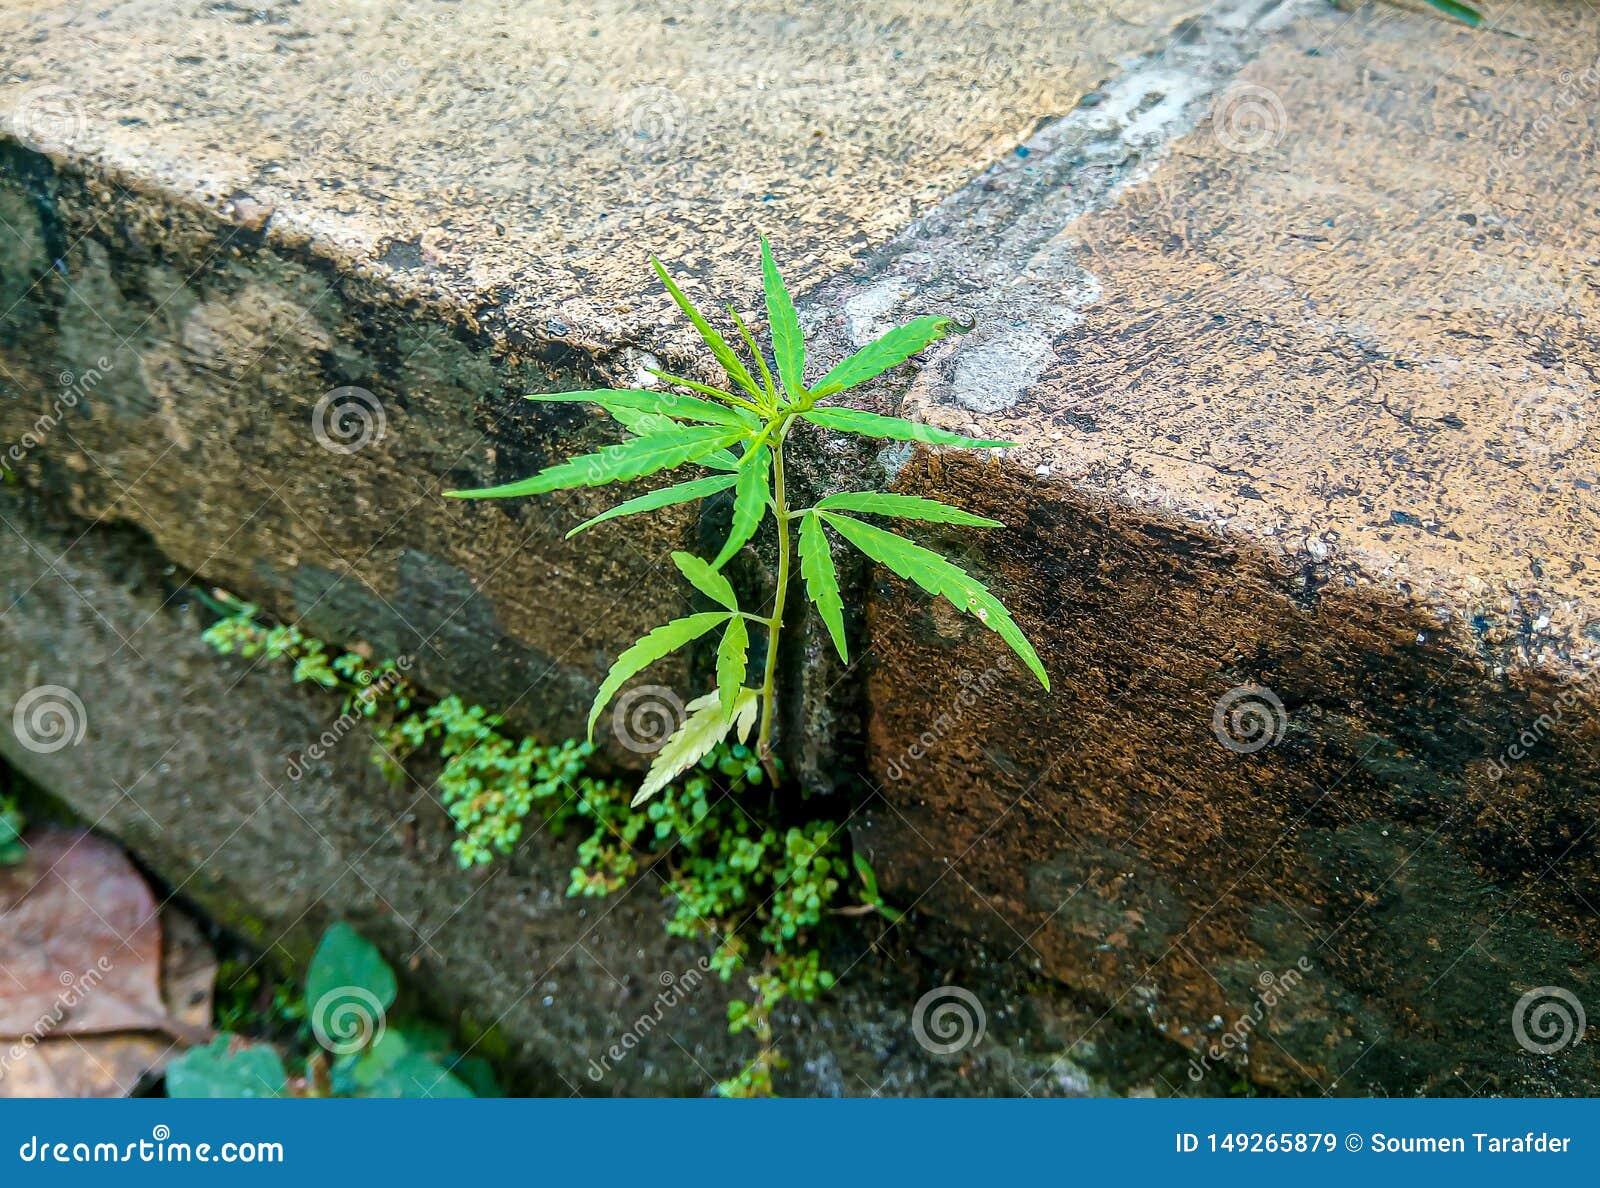 Sativa v?xt f?r liten cannabis p? en gammal tegelstenv?gg